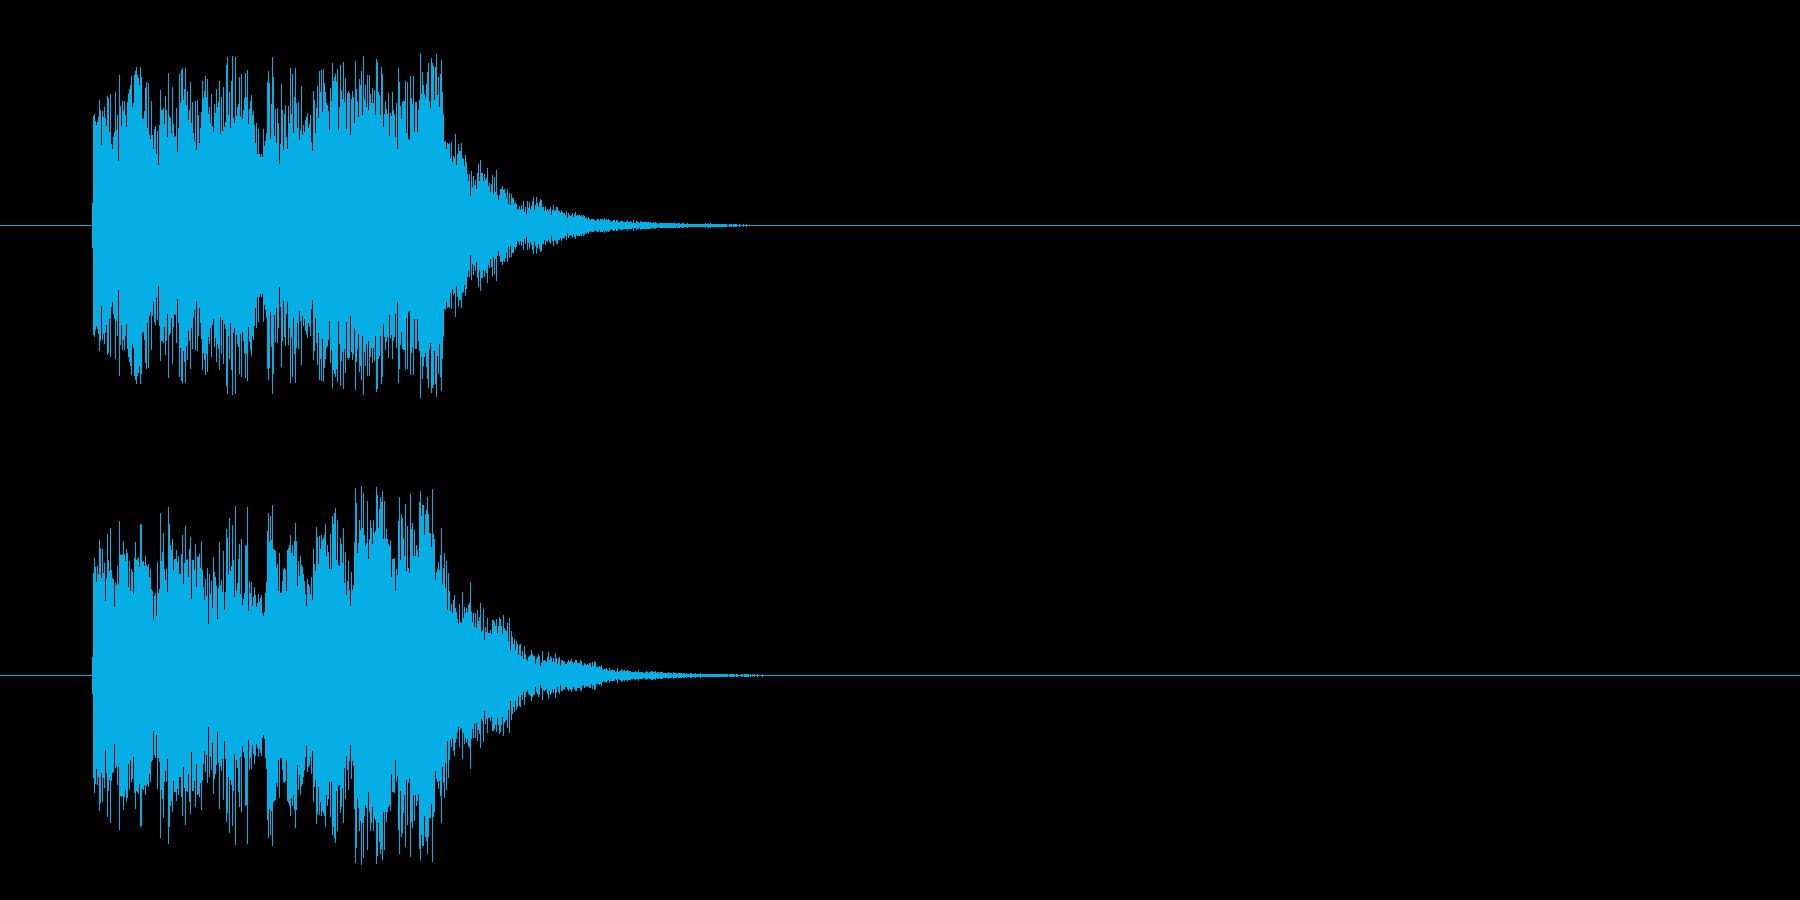 コーナーアタック風フュージョンのジングルの再生済みの波形